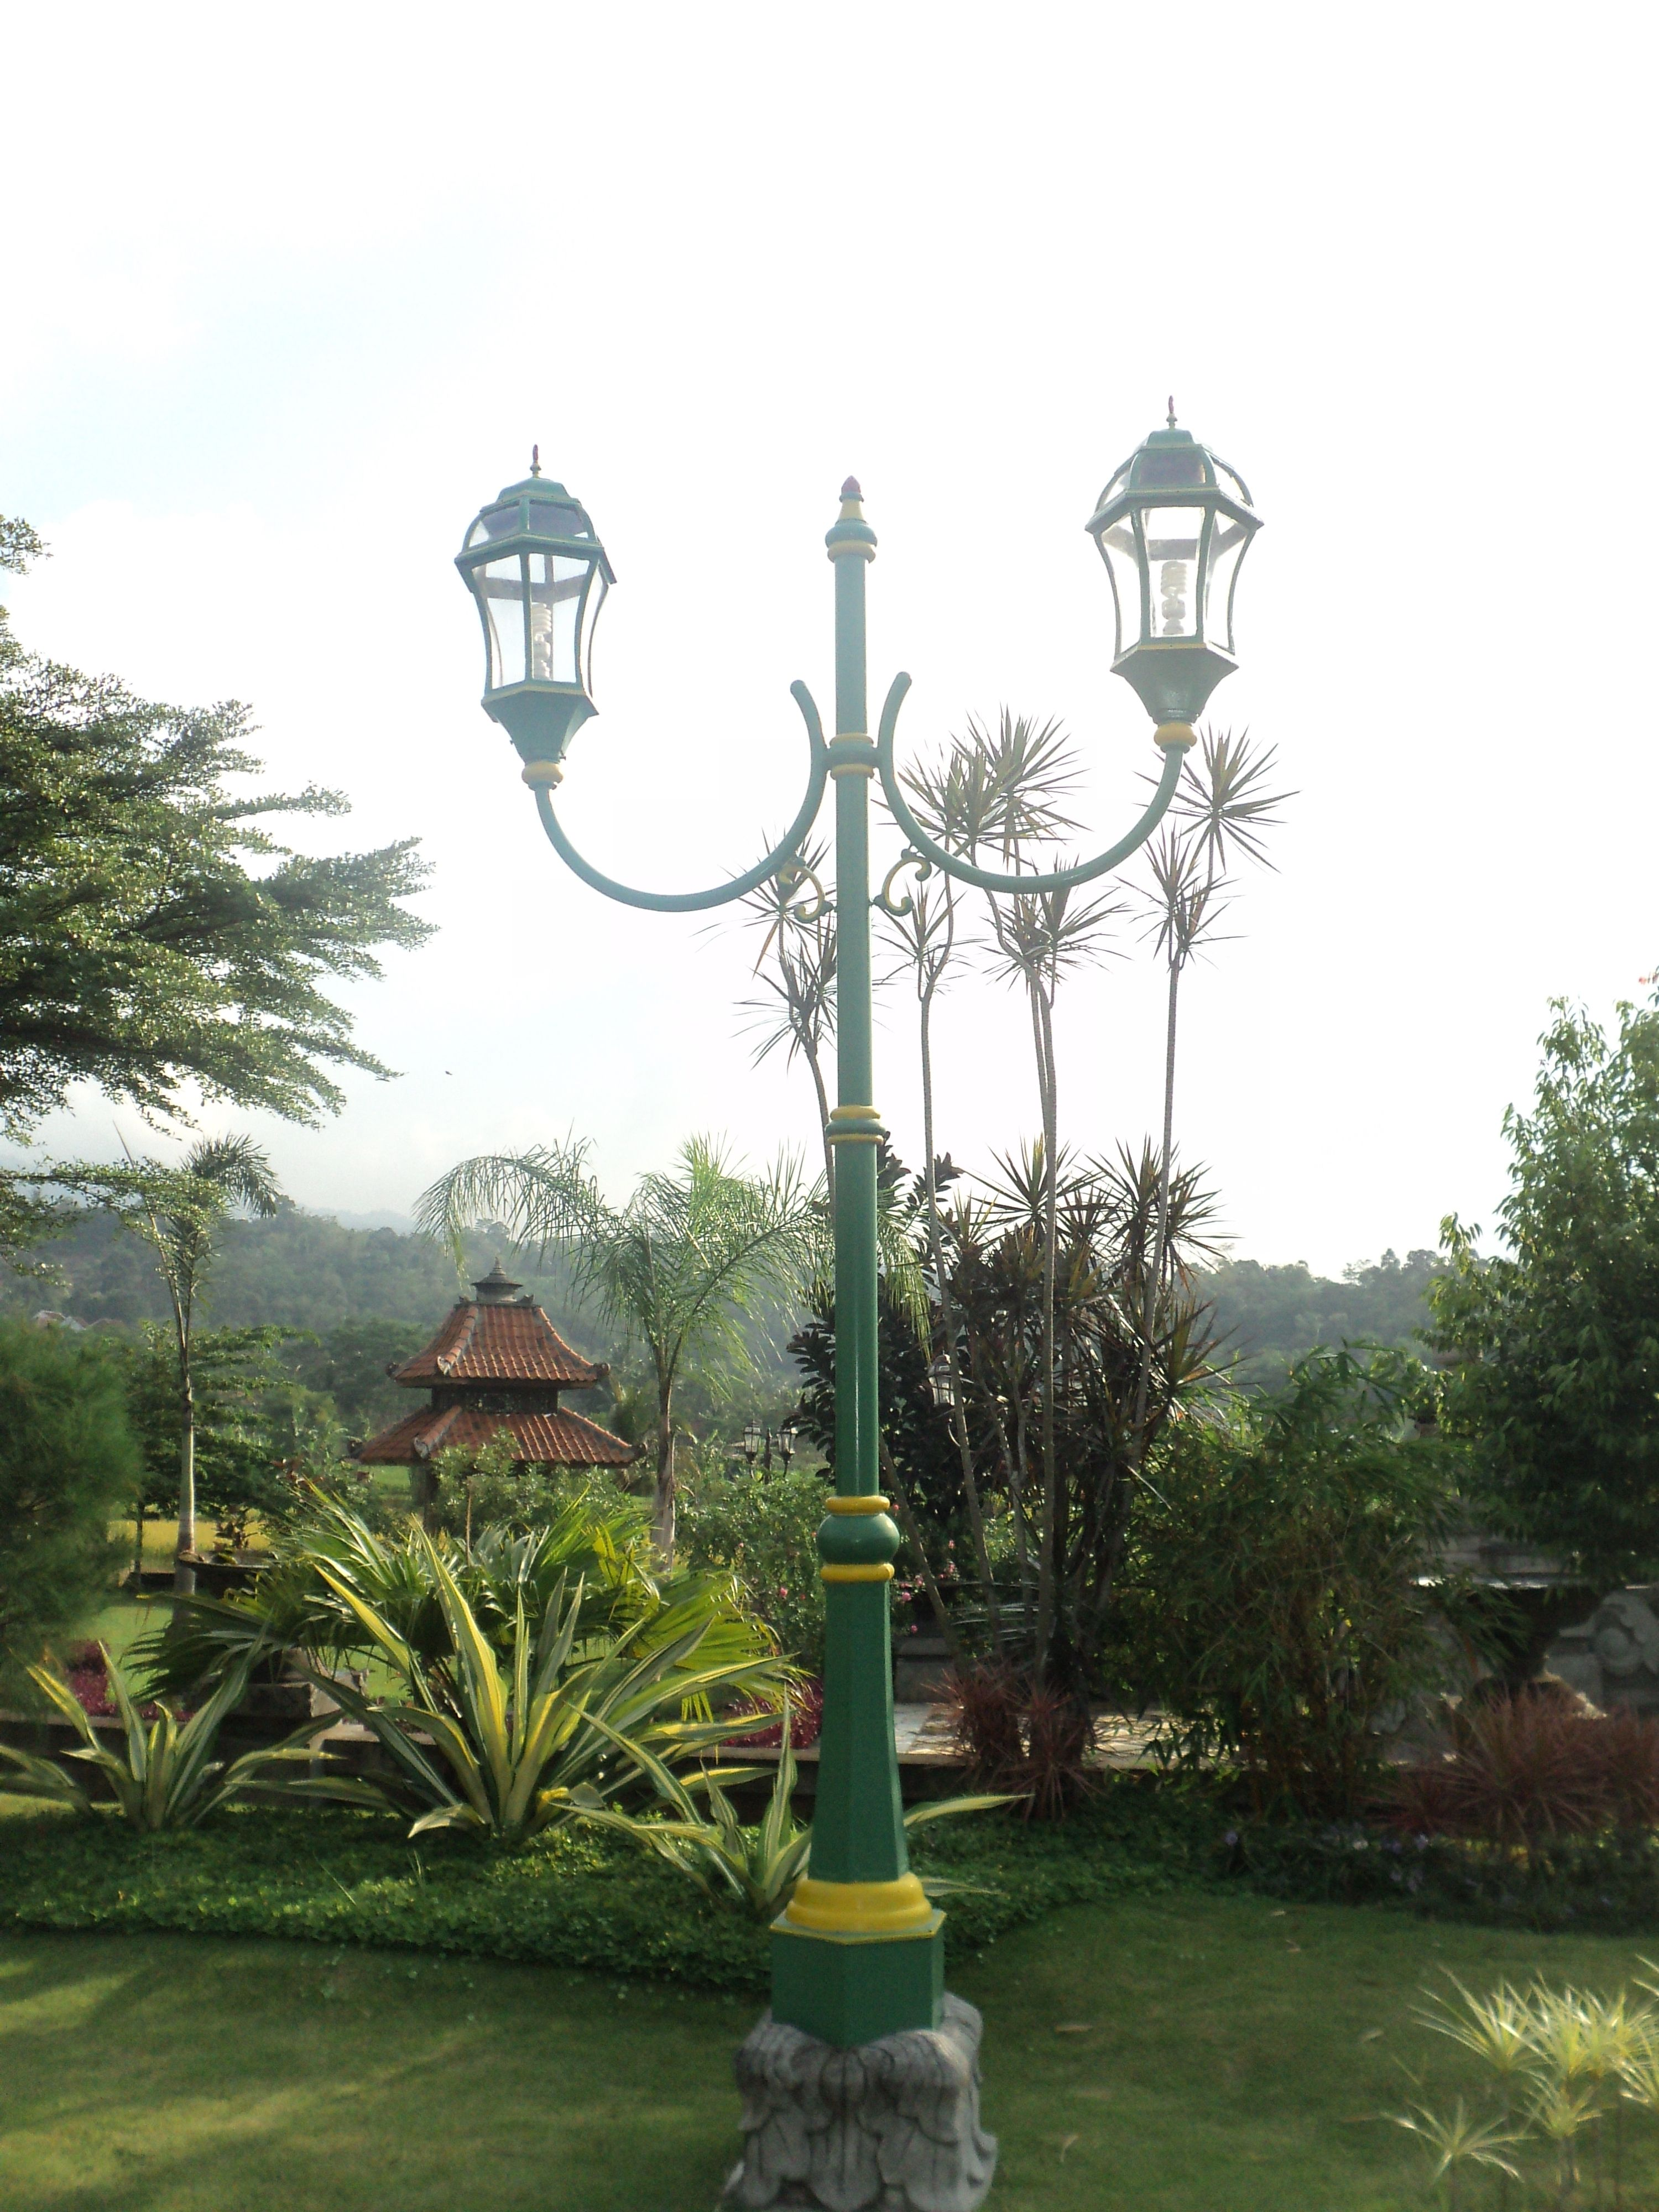 Apa Itu Lampu Taman